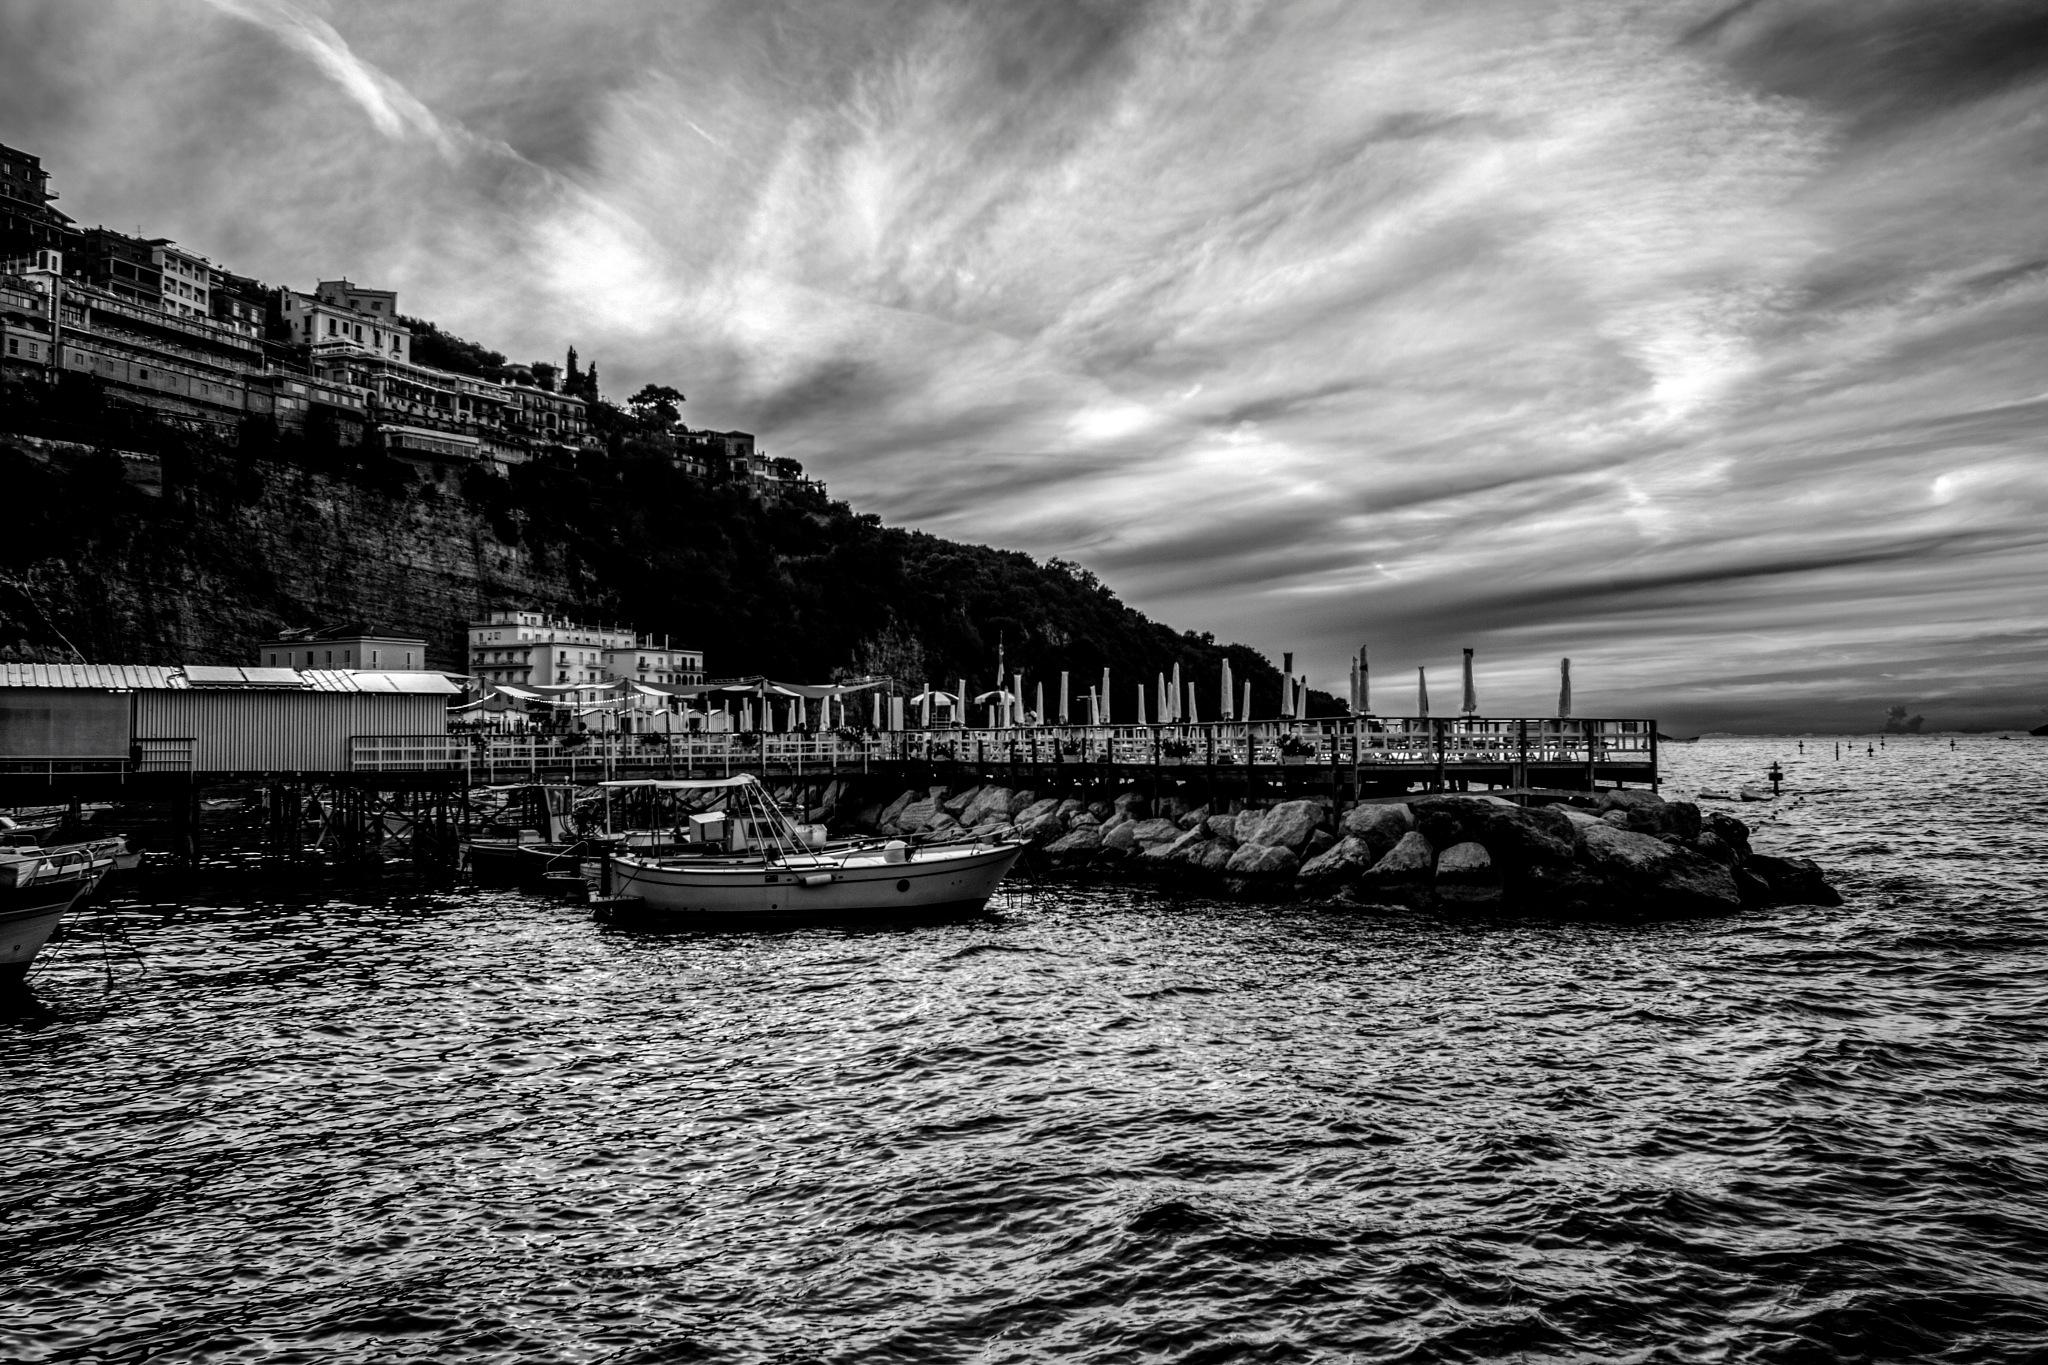 Sorrento Coastline by conceptualurburn